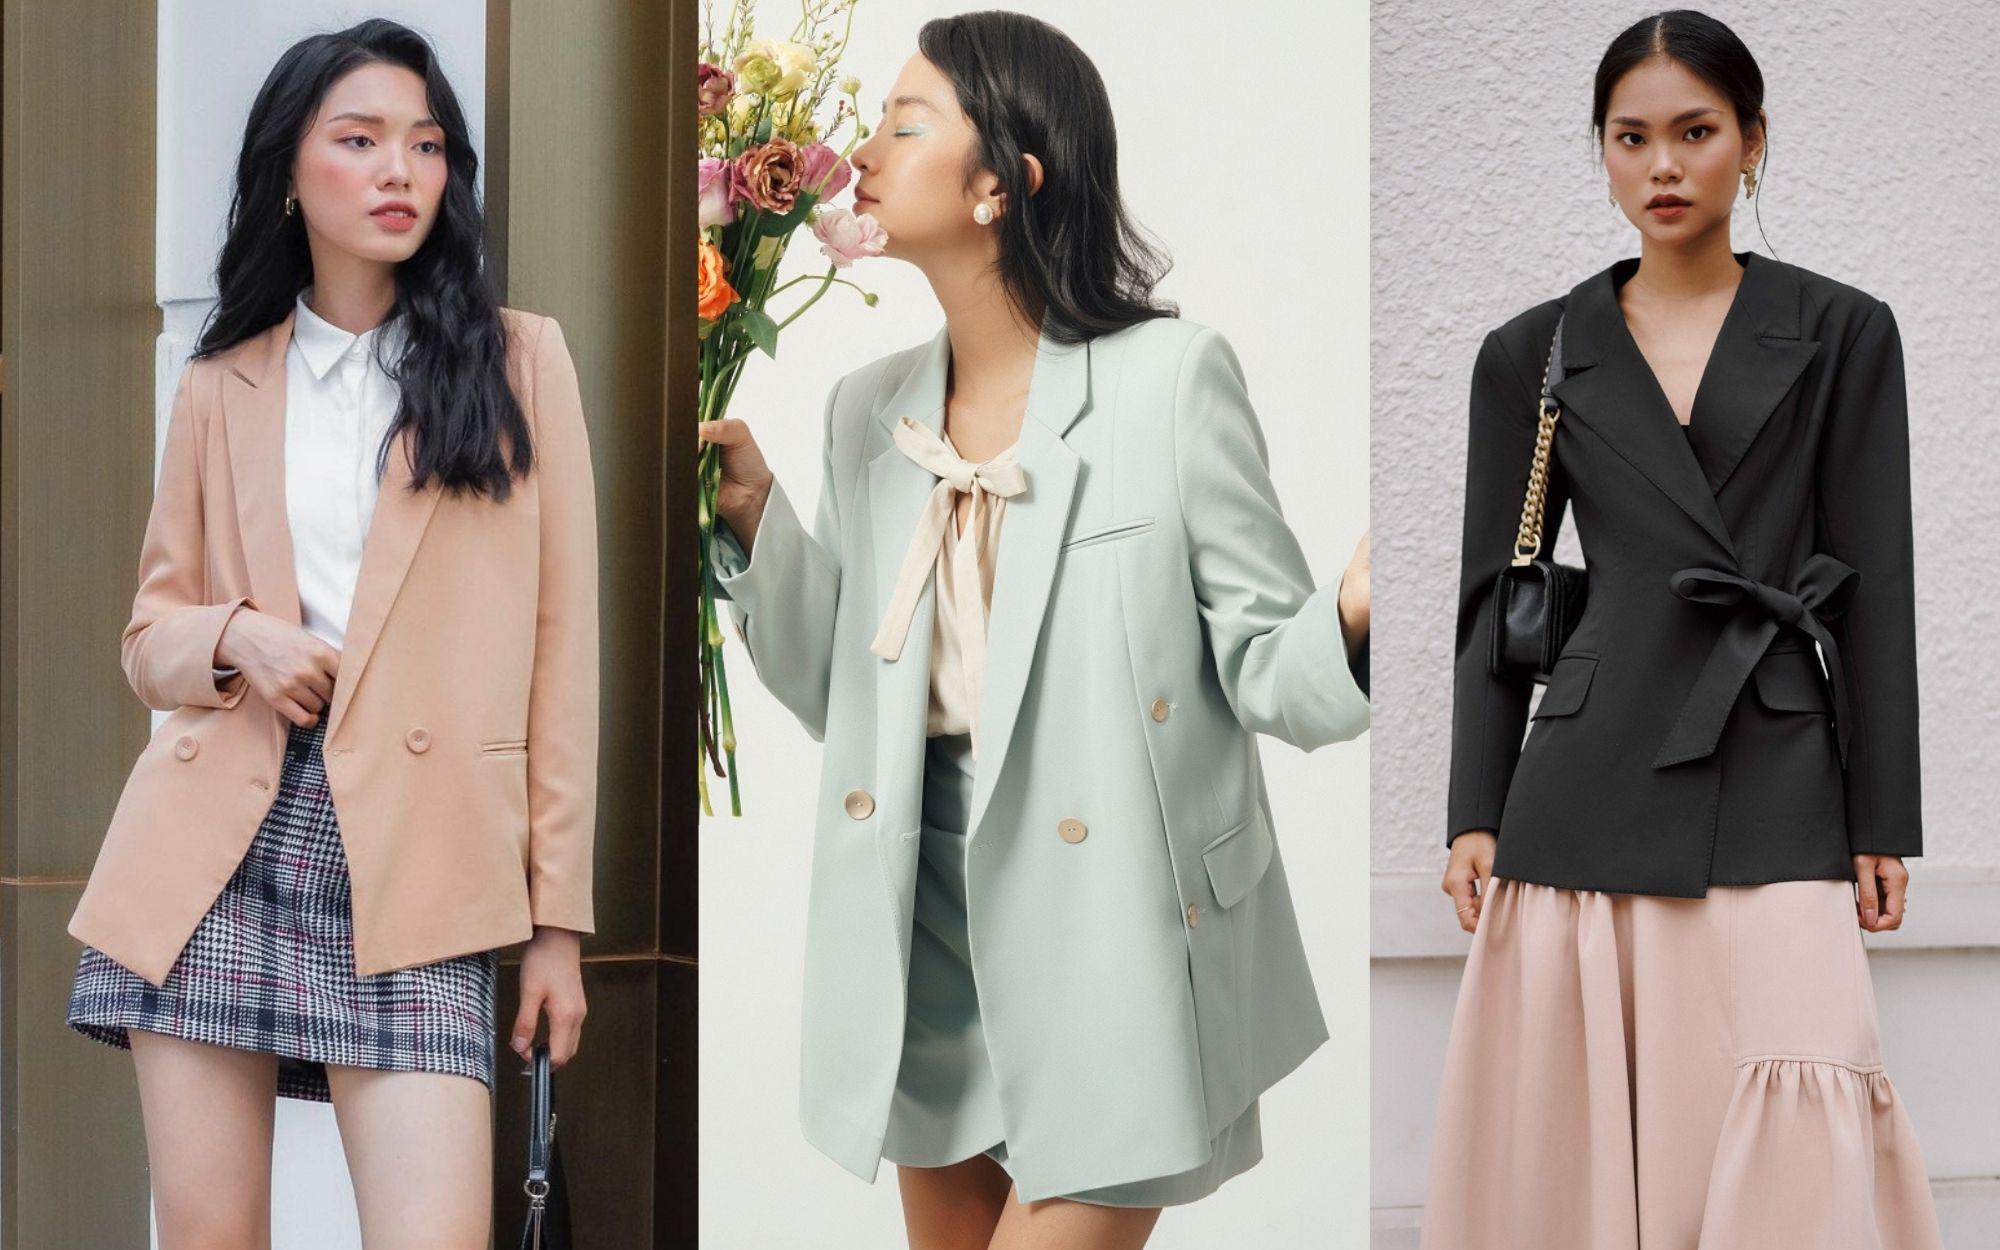 10 mẫu áo blazer rất trẻ trung nhưng ghi điểm thanh lịch tuyệt đối để diện Tết, hay nhất là chỉ có giá từ 520k